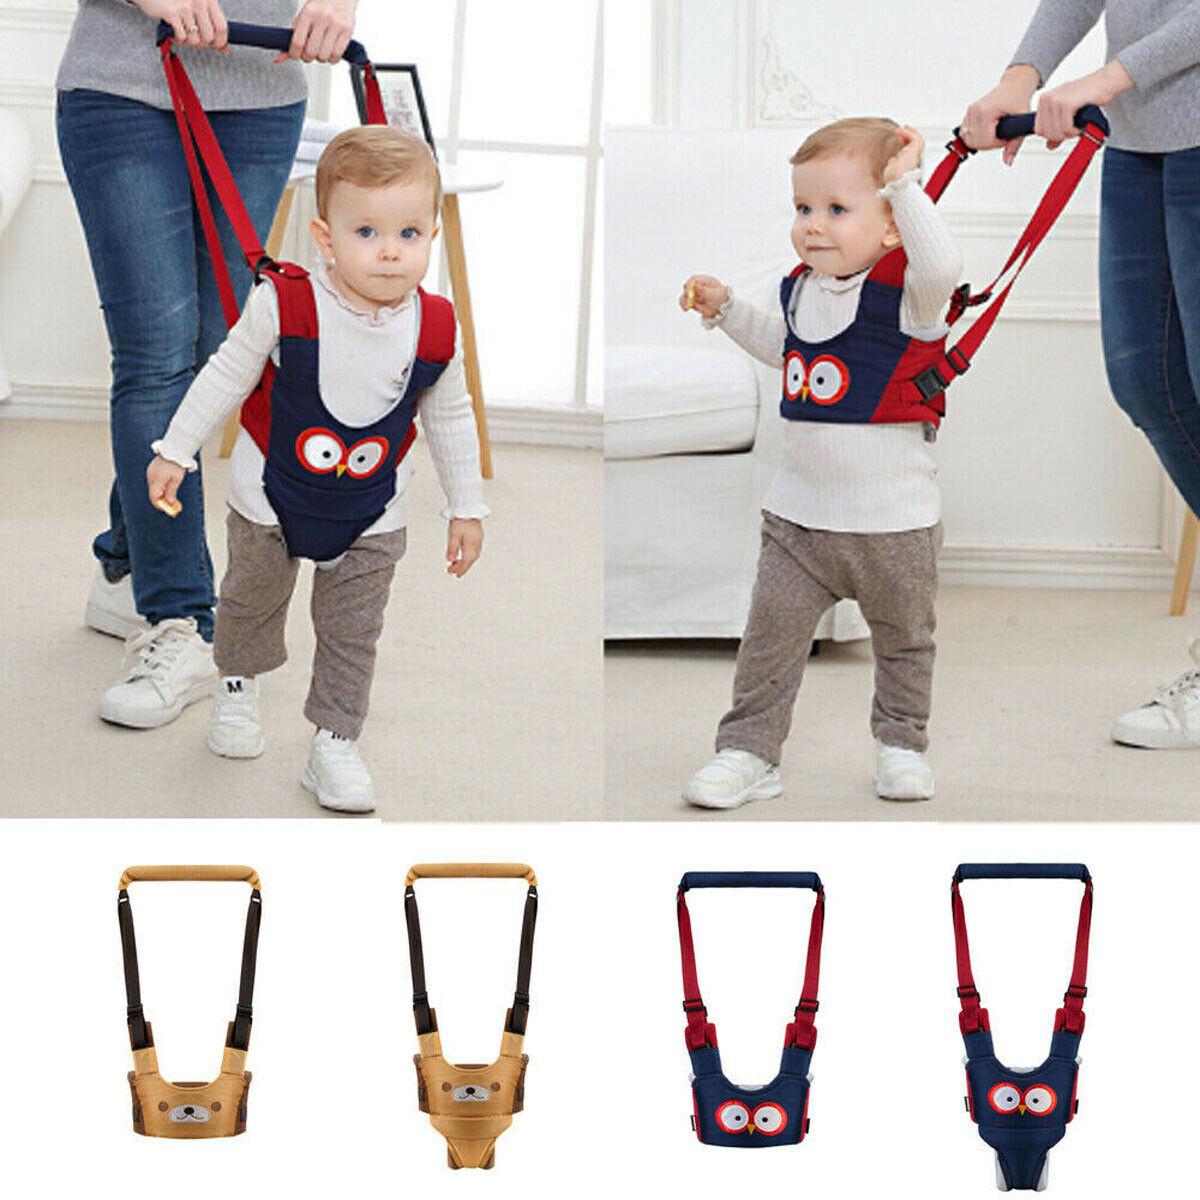 2020 crianças acessórios do bebê da criança andando asa cinto cinto de segurança cinta caminhada assistente do bebê carry arreios & trelas